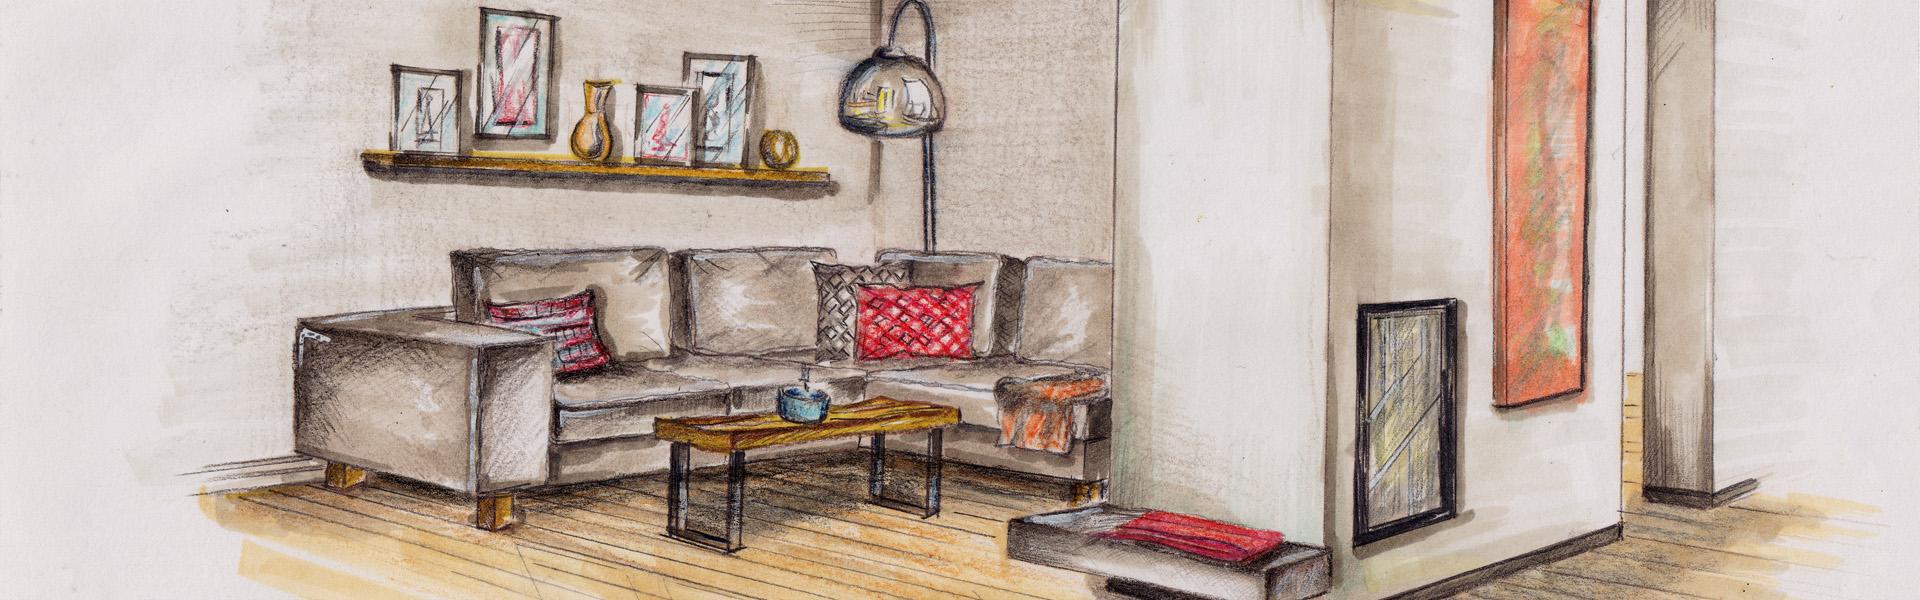 raumperspektiven innenarchitekt susanne wittwer. Black Bedroom Furniture Sets. Home Design Ideas